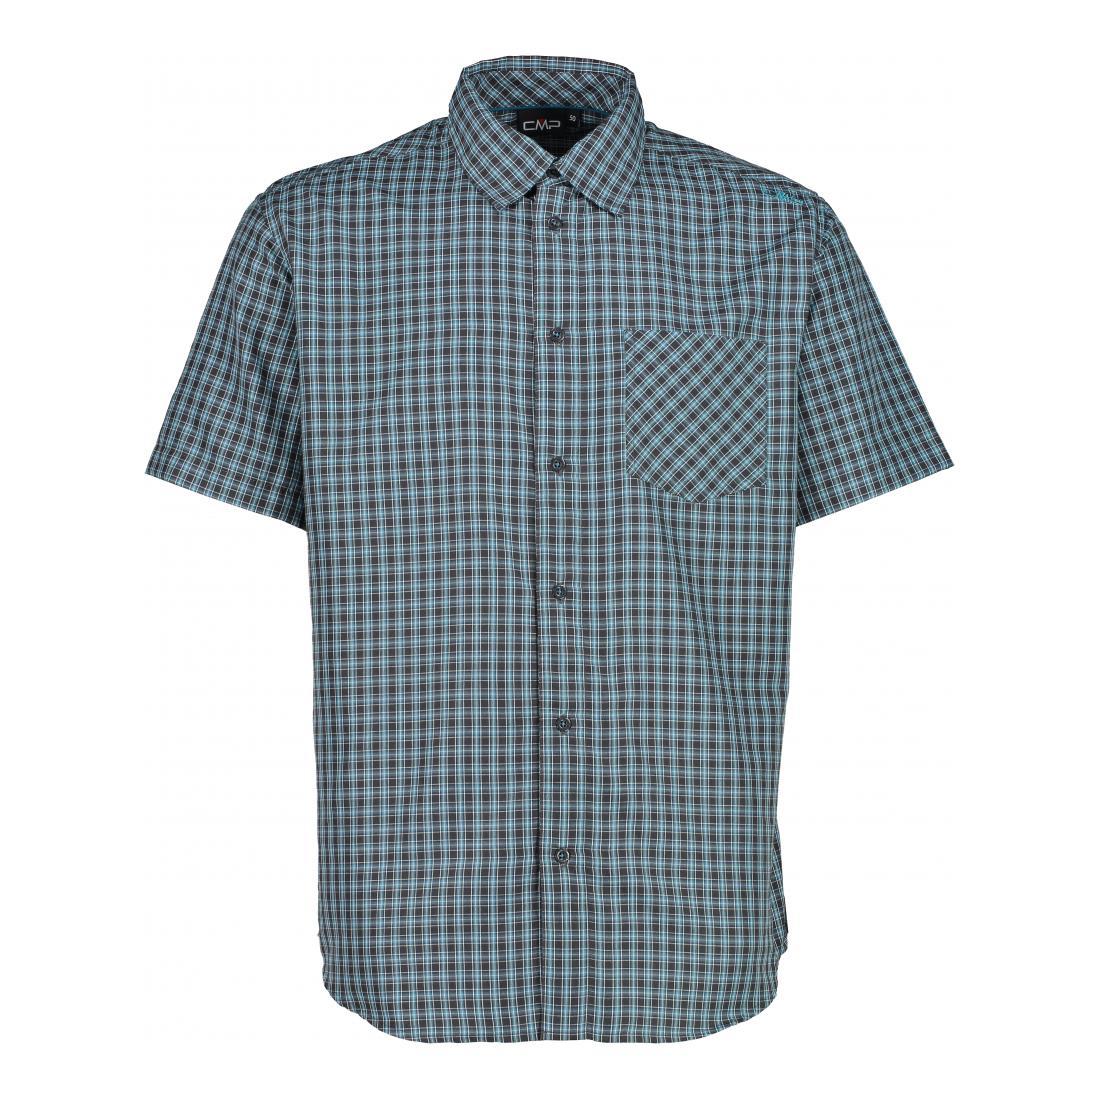 CMP Casual Hemden Herren MAN SHIRT